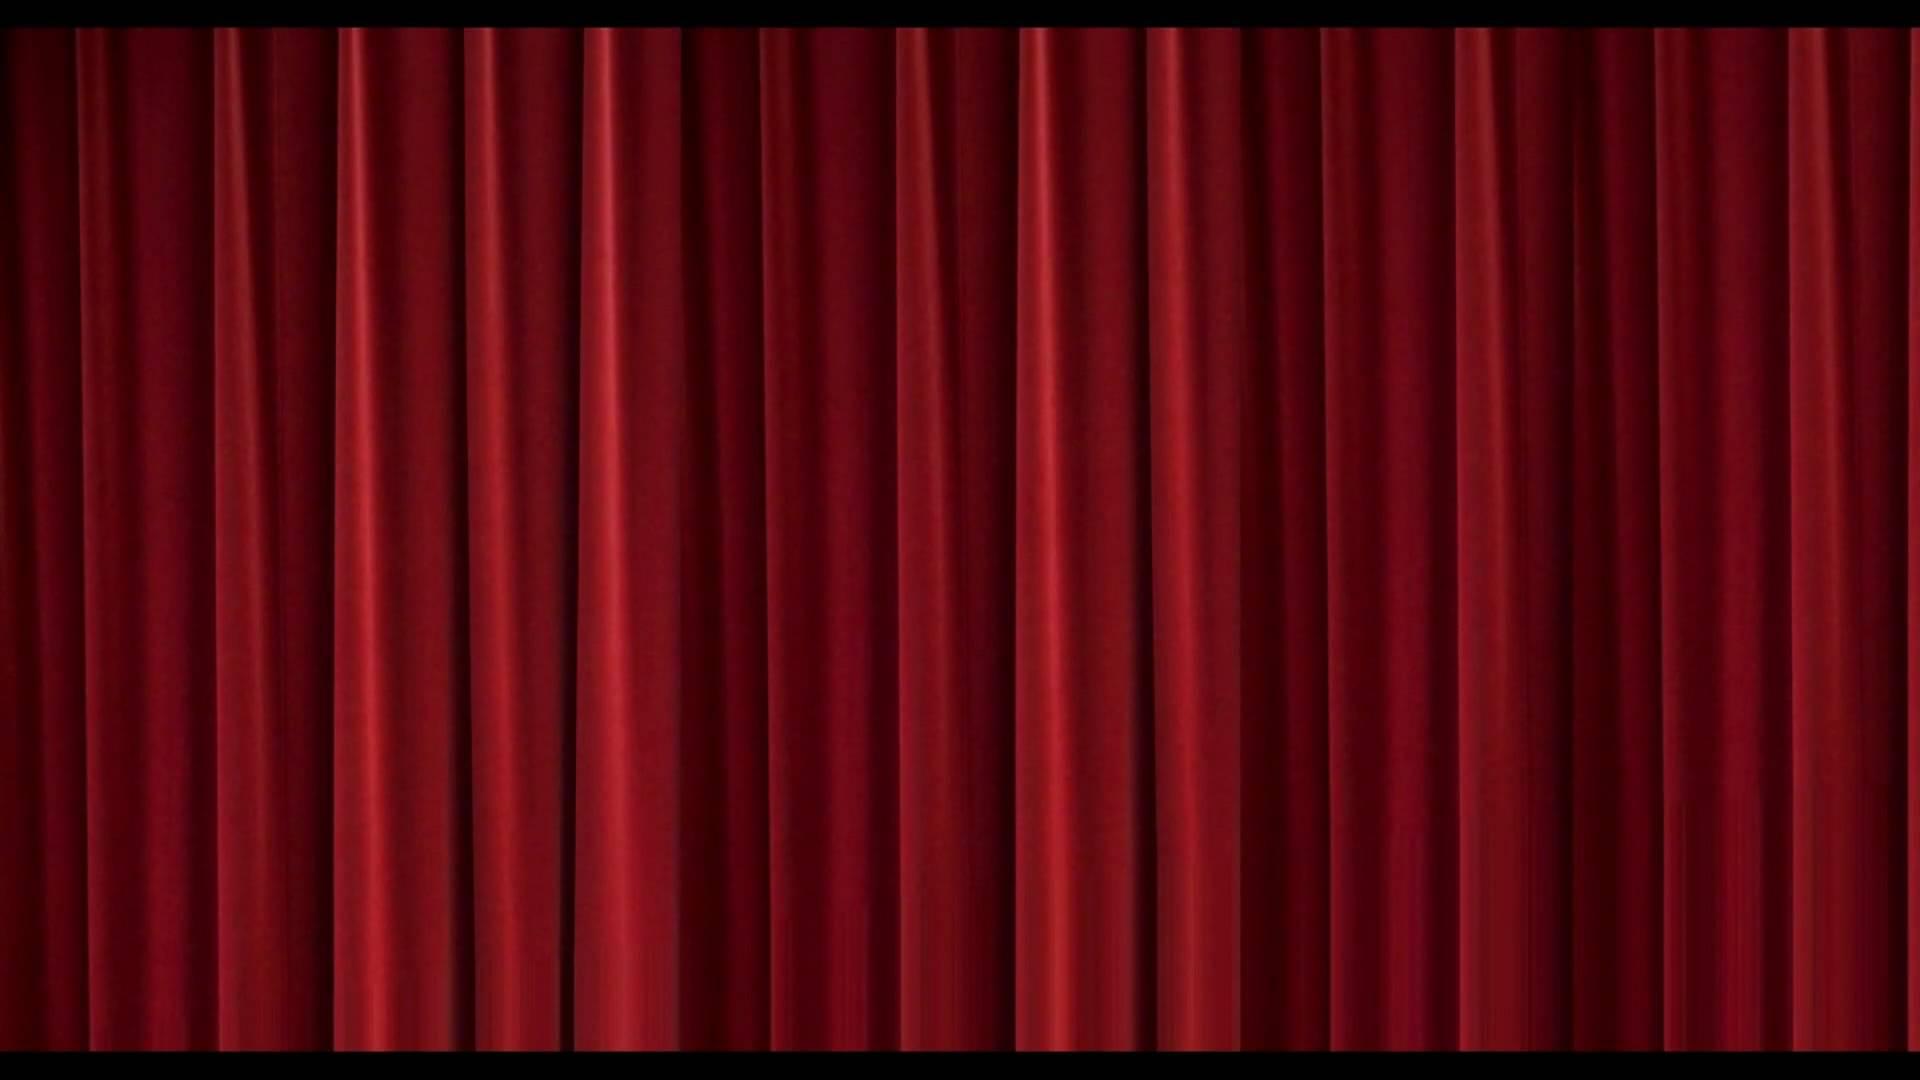 Movie Screen Wallpaper Wallpapersafari